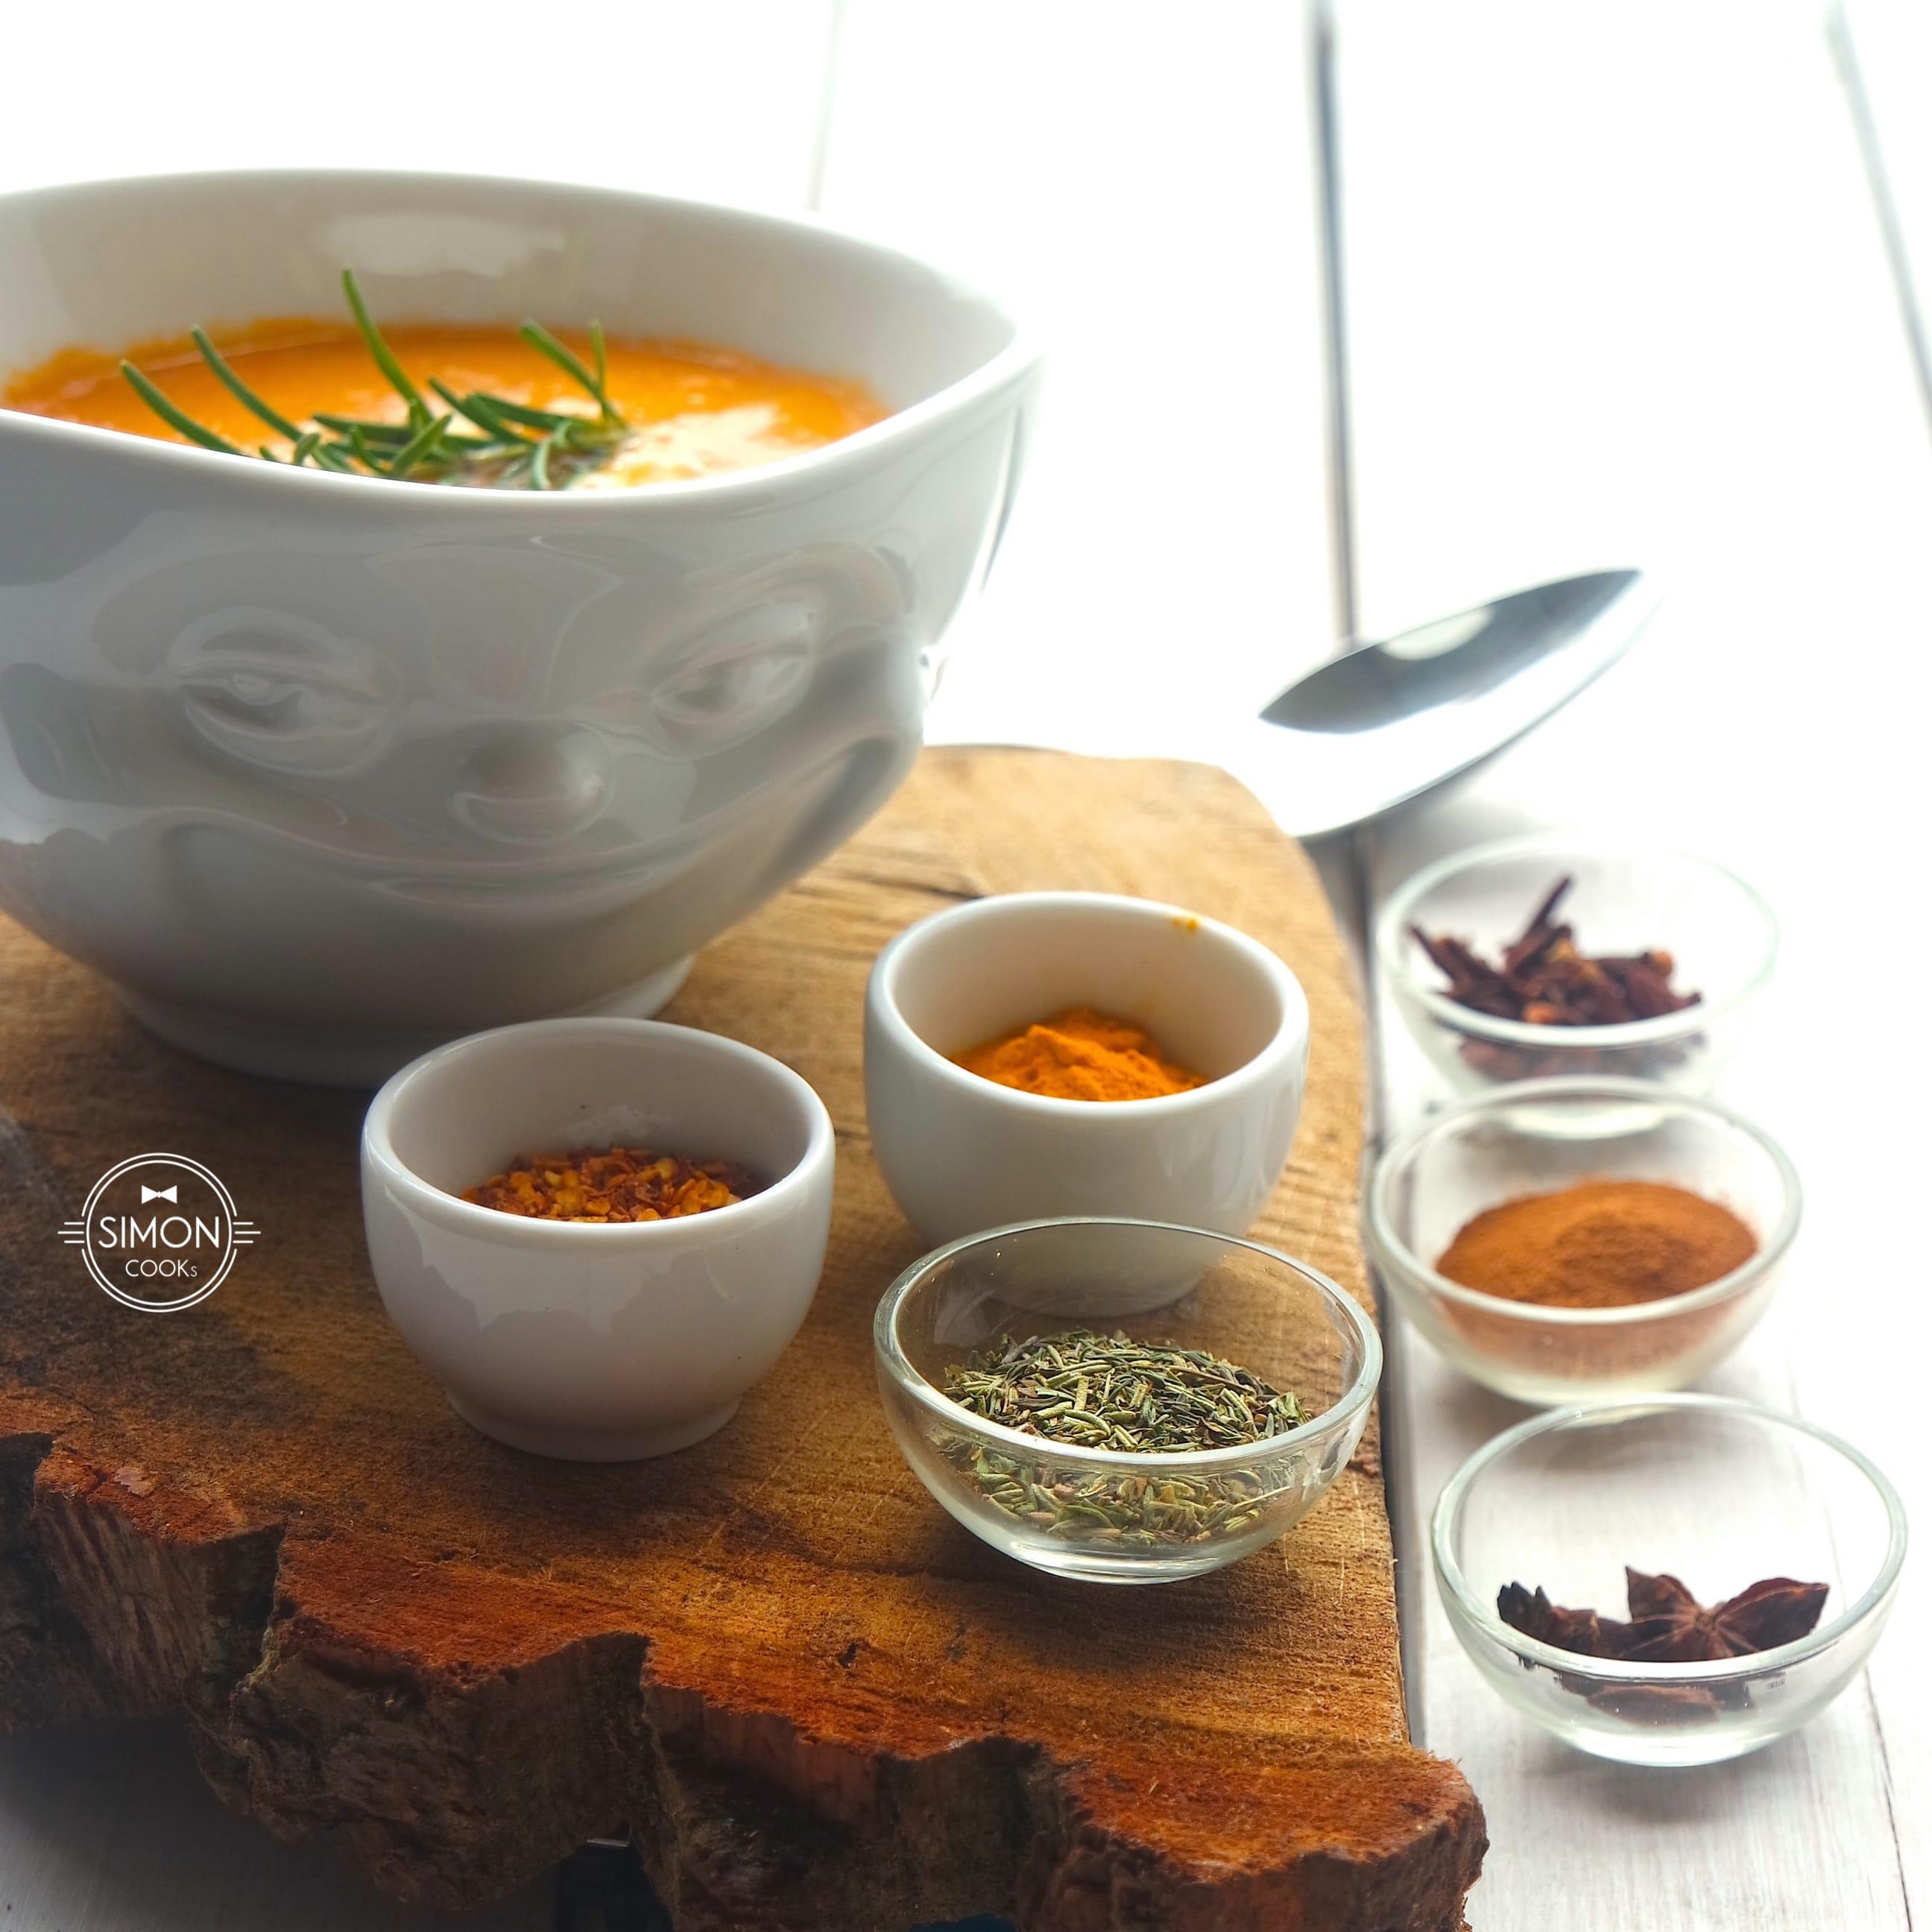 indyjska zupa z soczewicy simon cooks